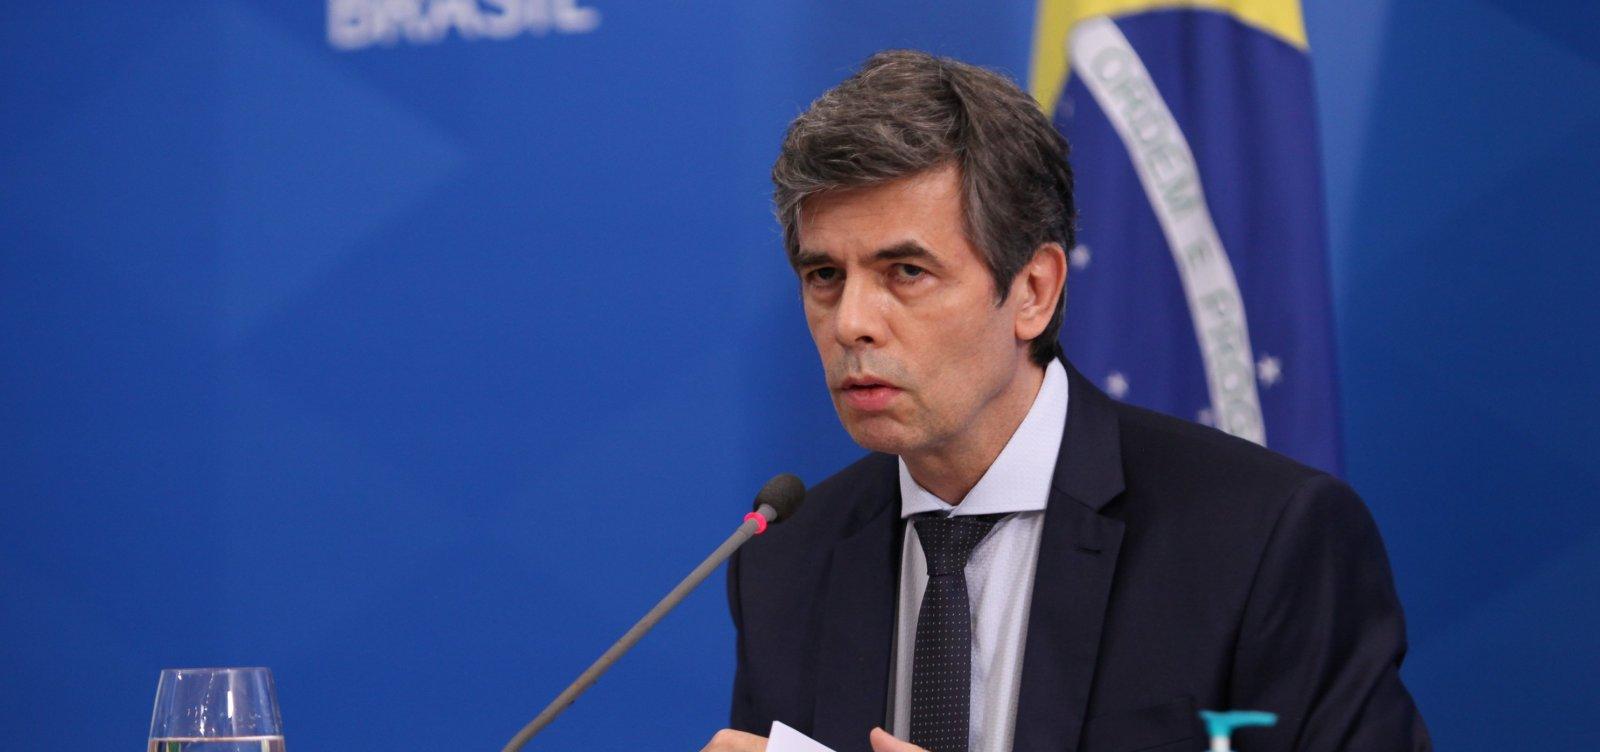 [Teich diz que divergência sobre cloroquina motivou pedido para sair do Ministério da Saúde]